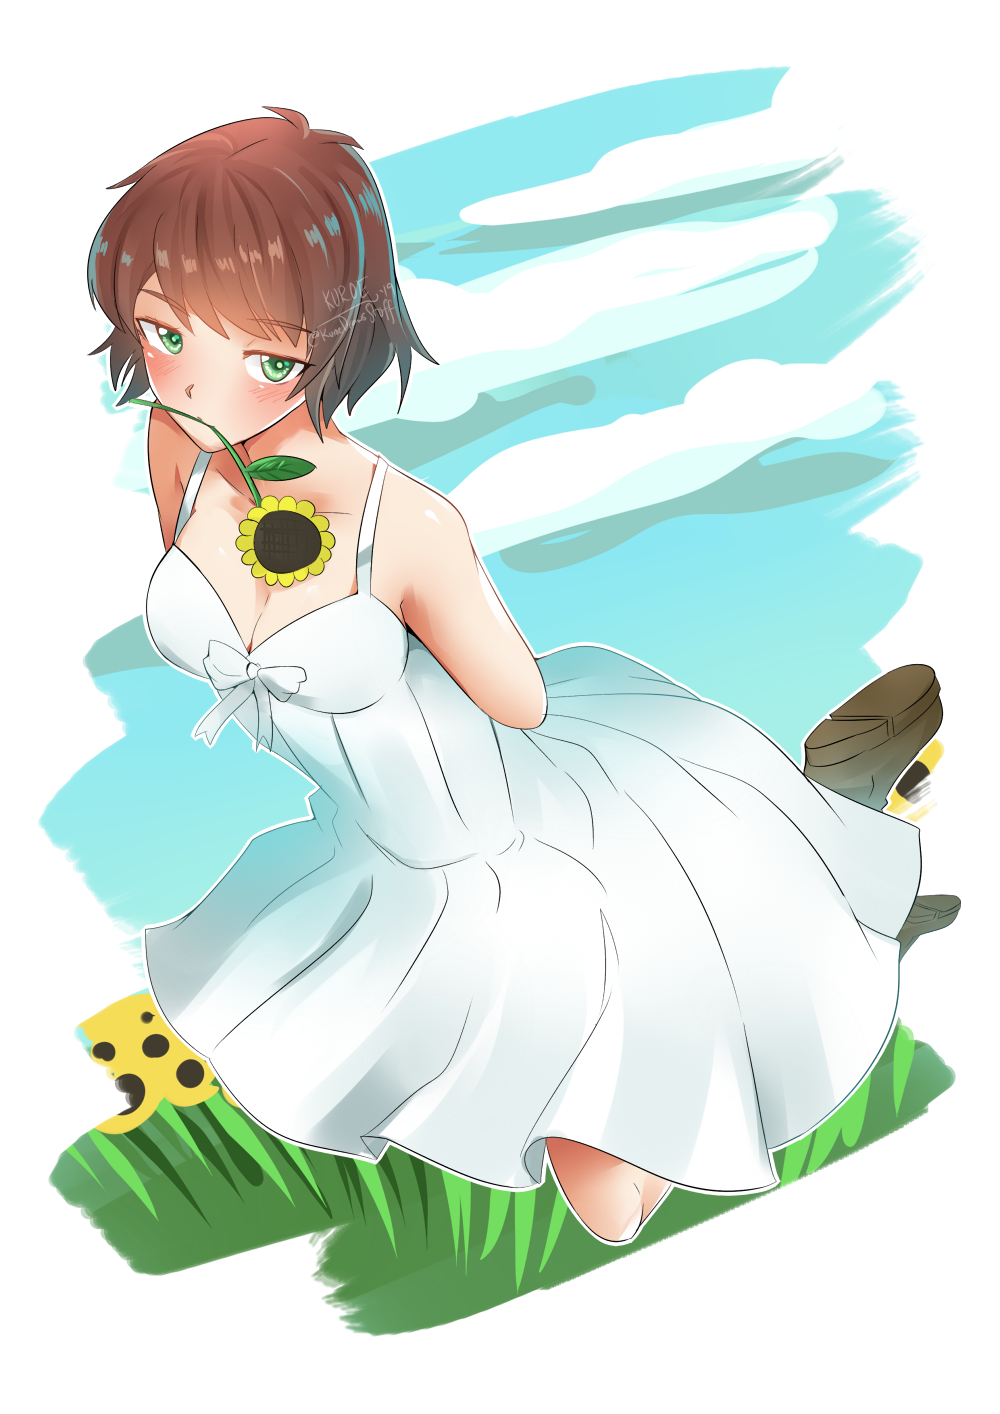 Rin Tezuka in a Dress [Katawa Shoujo] by KuroeArt